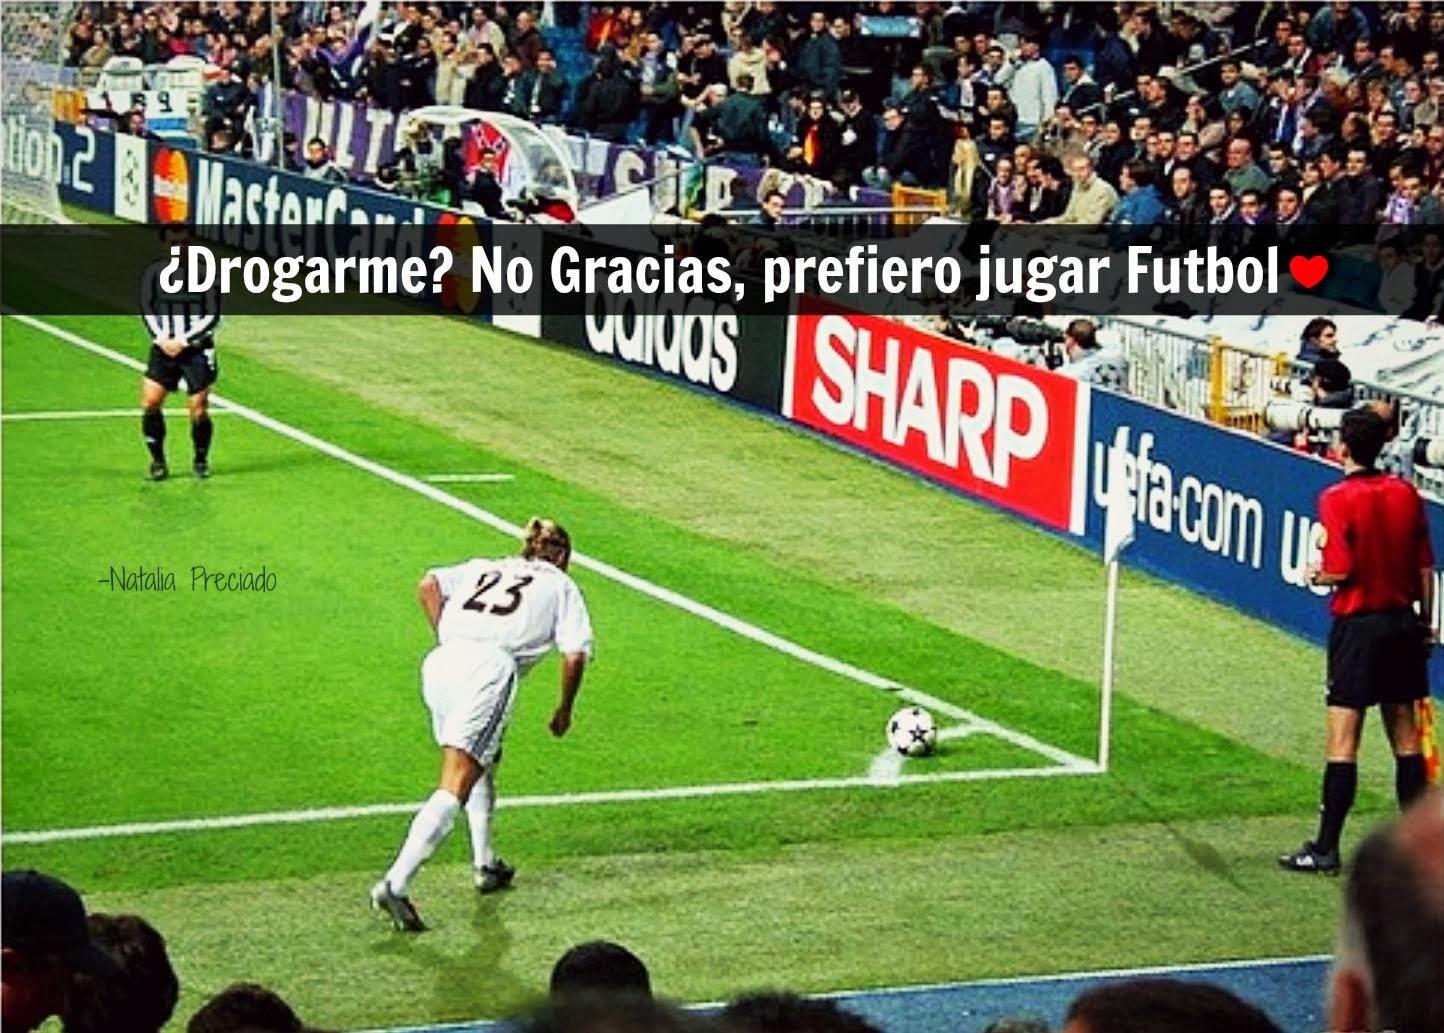 Frases de Futbol para Motivar a un Deportista Imagenes  - Imagenes De Motivacion Para El Futbol